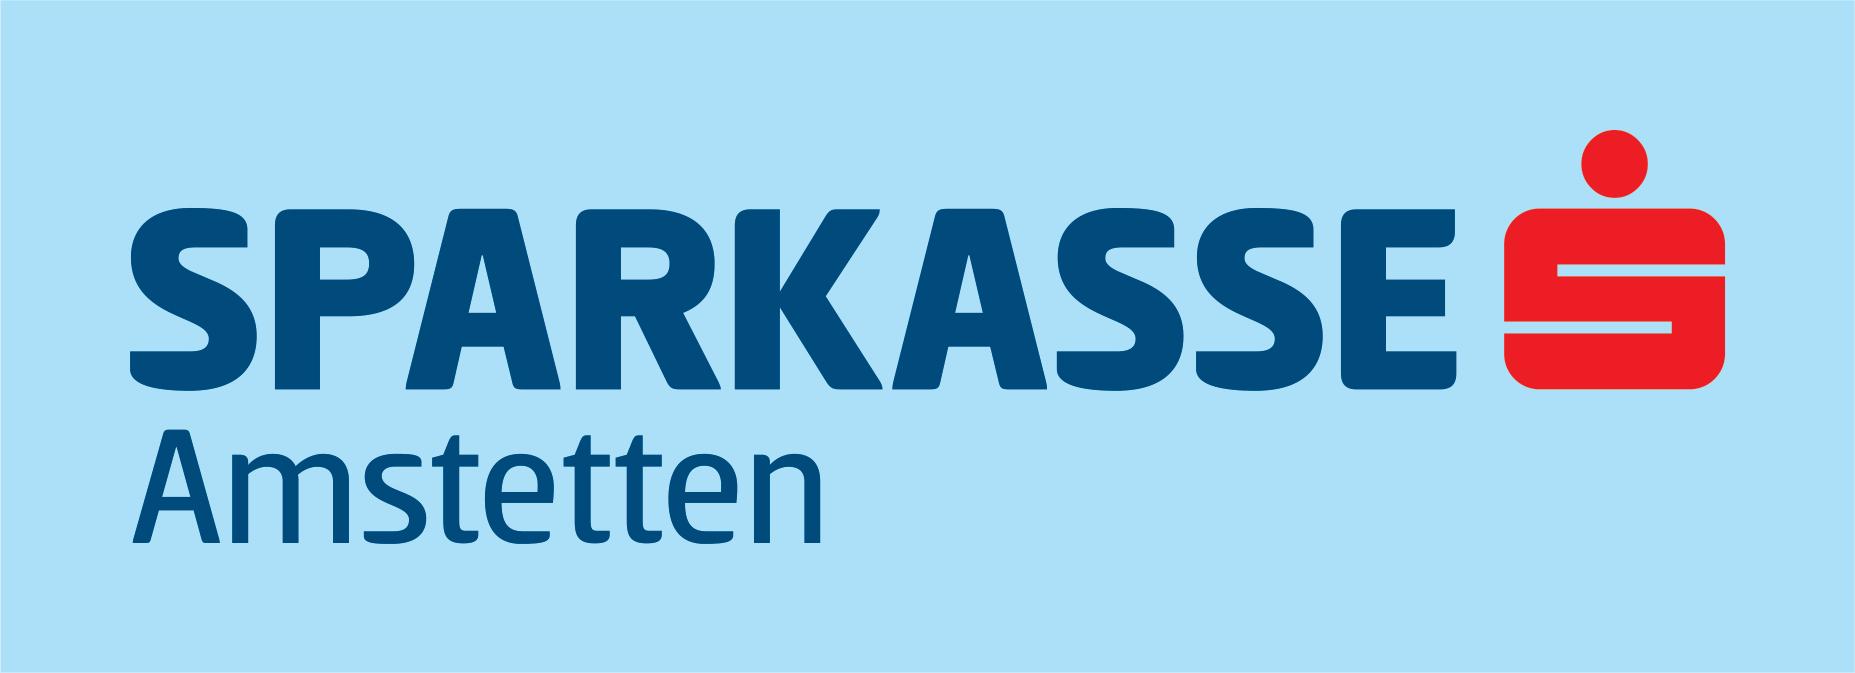 Sponsor: Sparkasse Amstetten